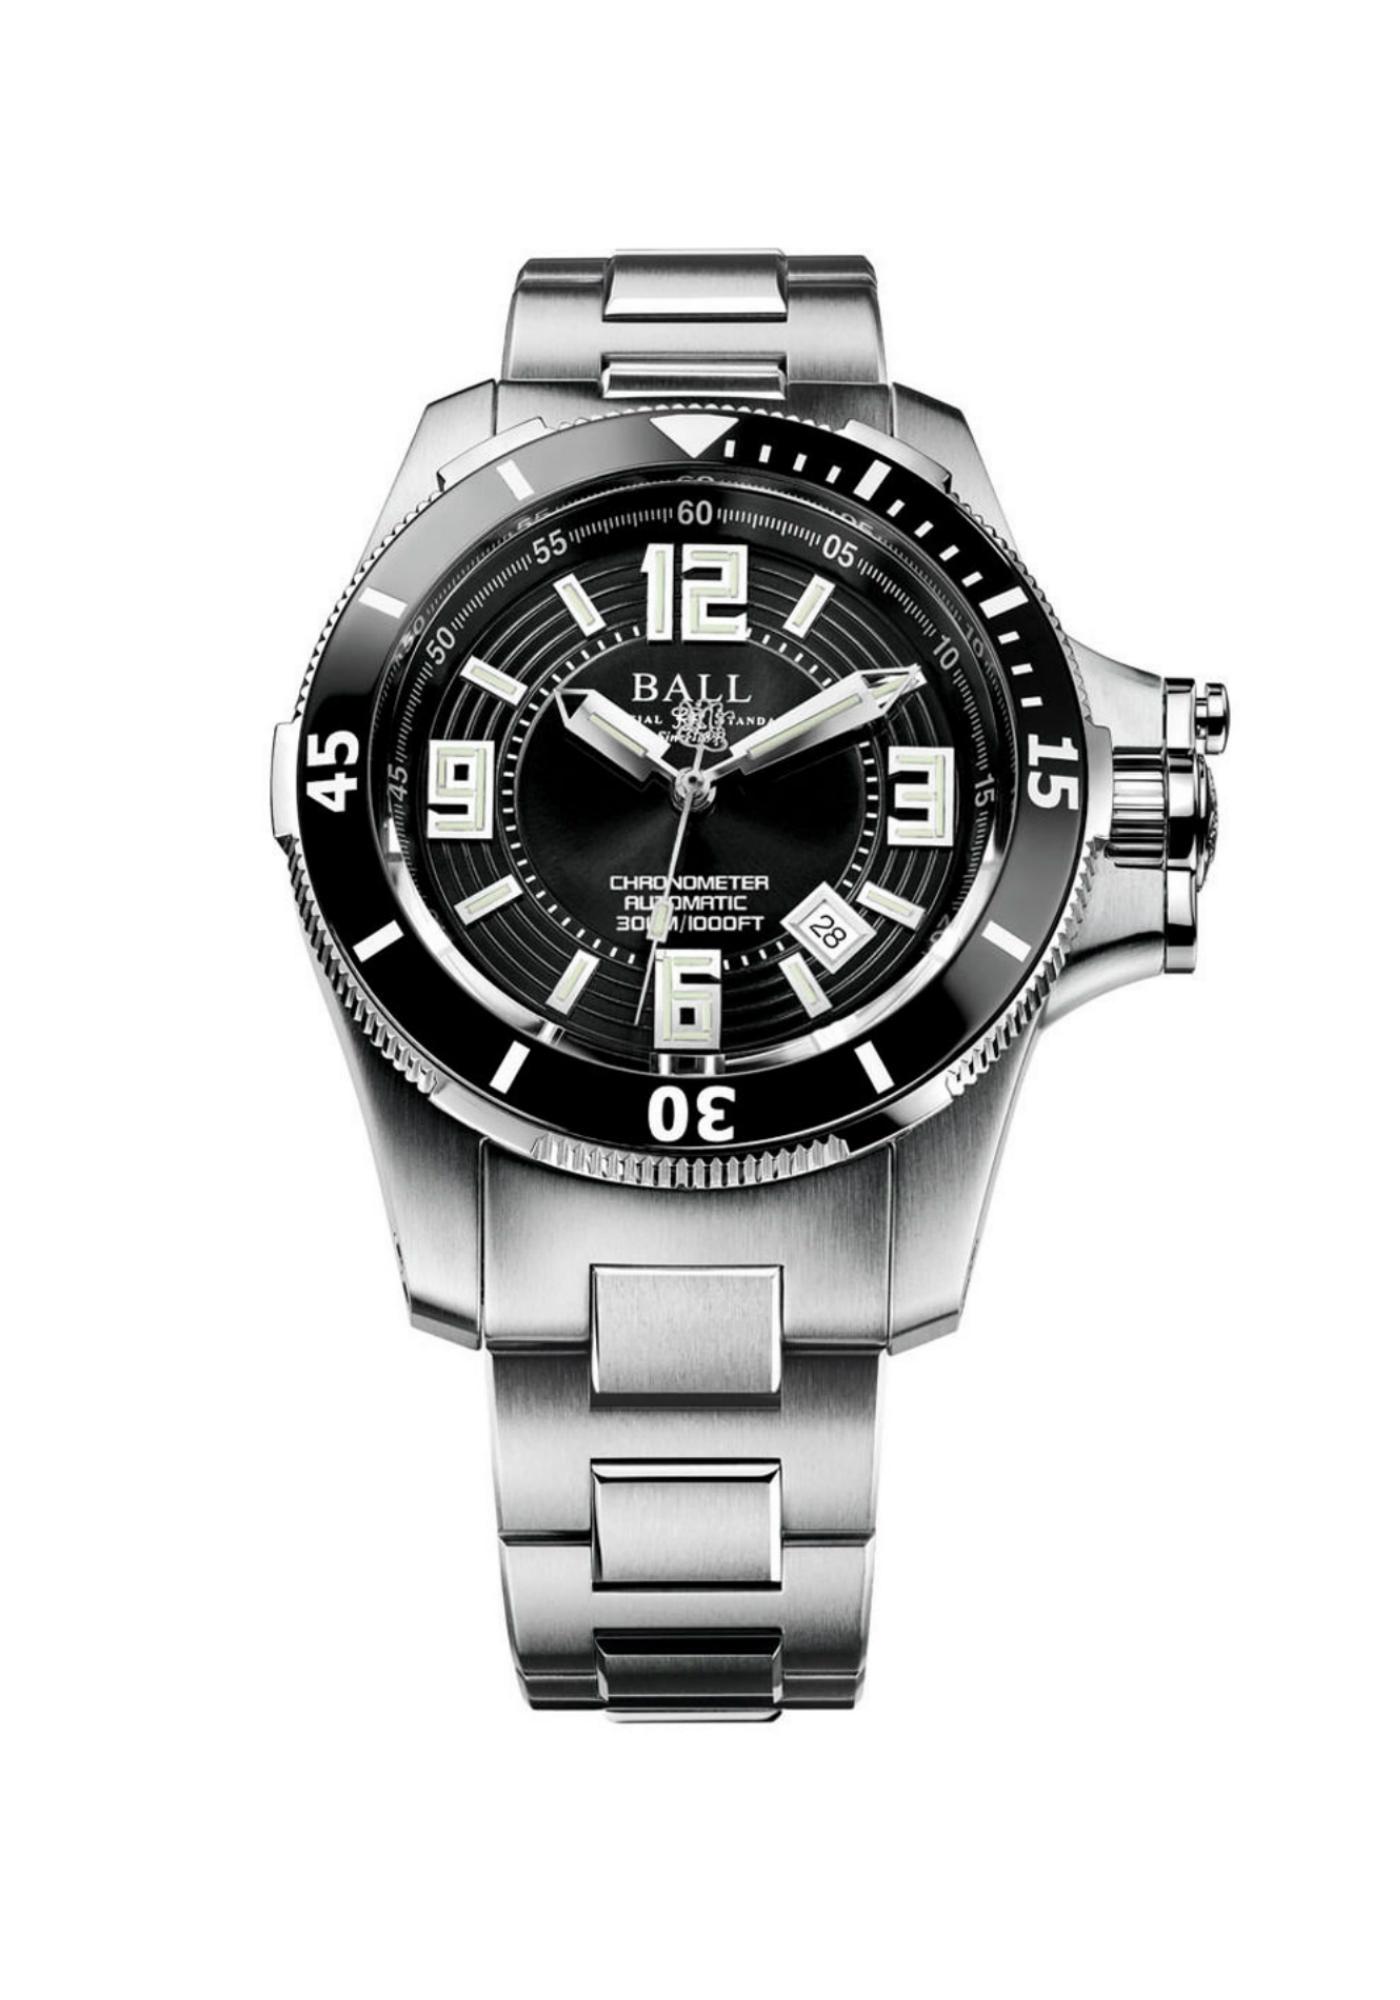 スペースマスター | 精光堂 -SEIKODO- 輸入時計正規販売・高品質 ...